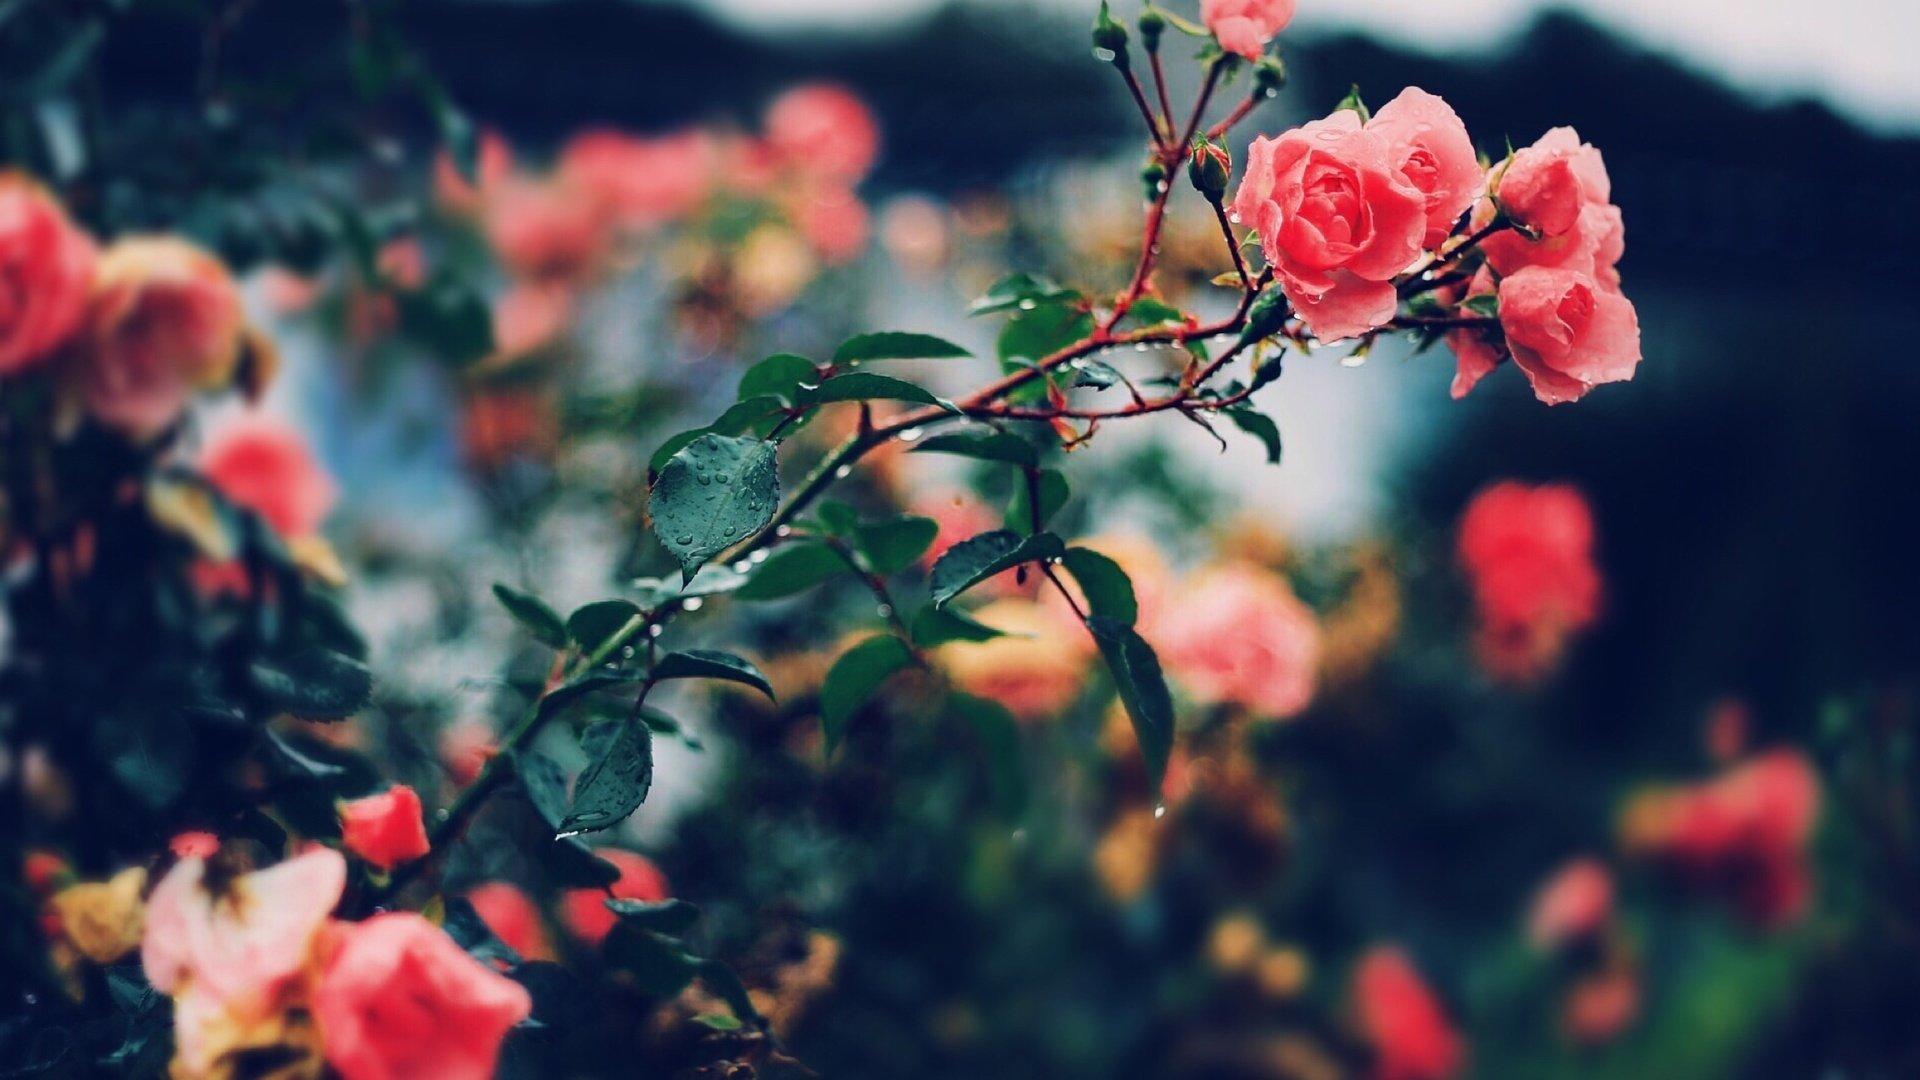 Aesthetic Rose Wallpaper Download